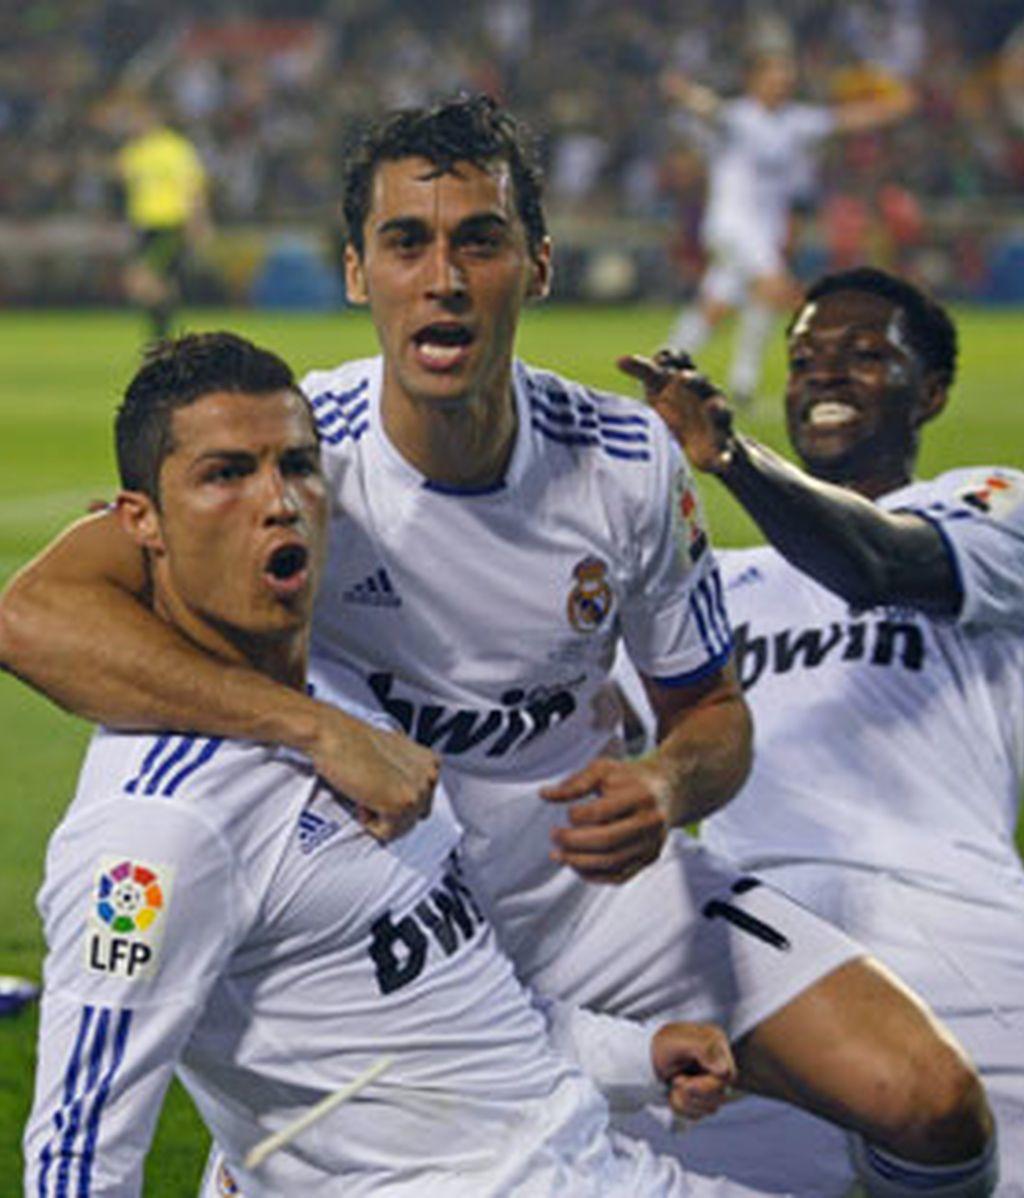 Los blancos celebran el gol de Cristiano Ronaldo. Foto: EFE.